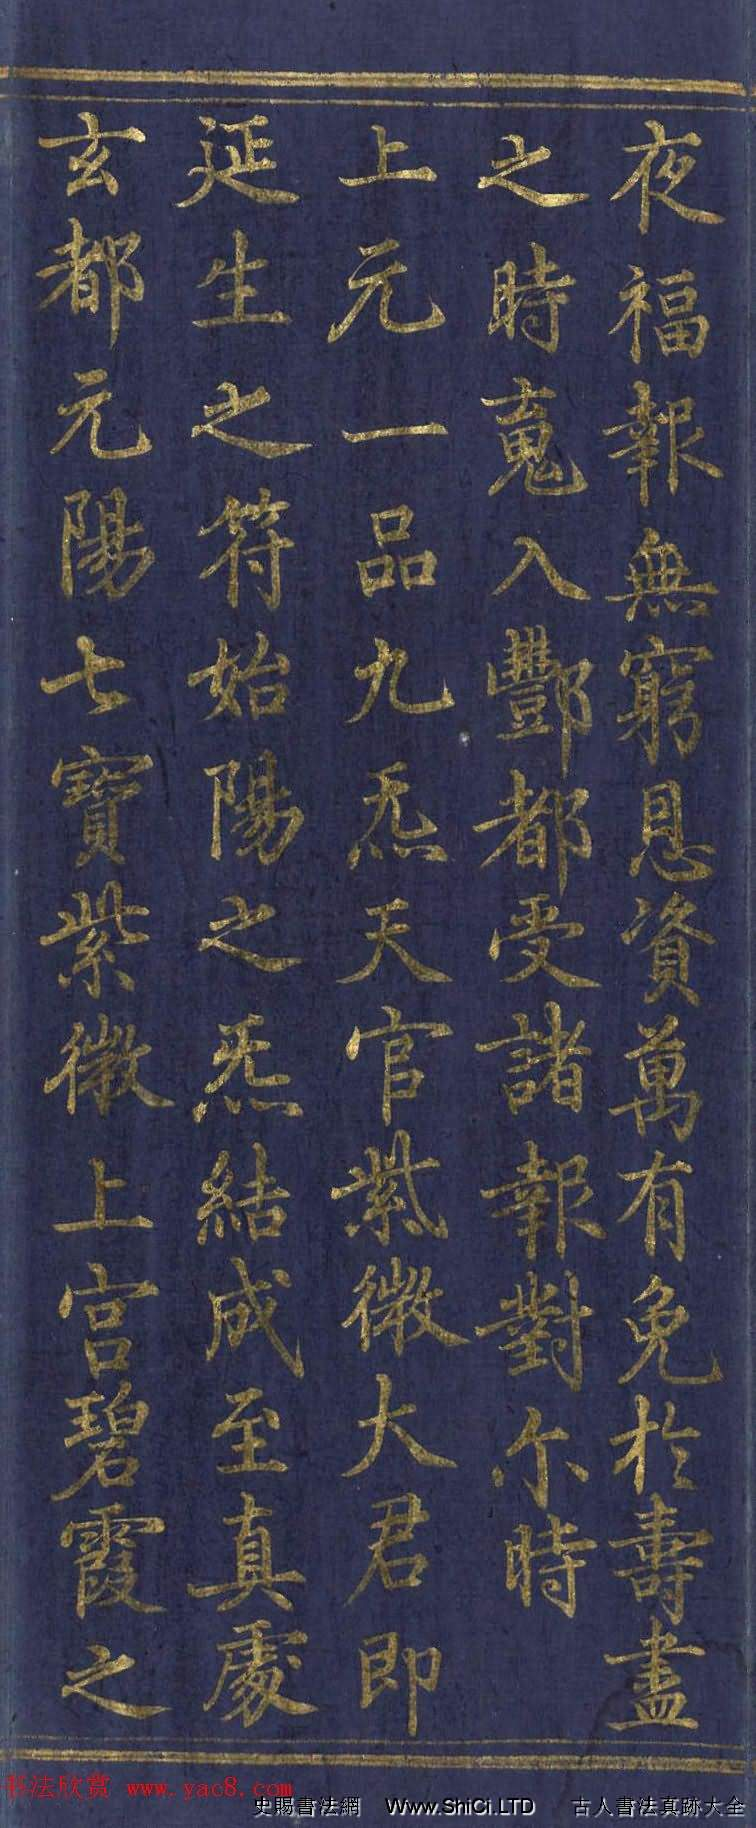 道教長春派創始人劉淵然金字《三元妙經序》